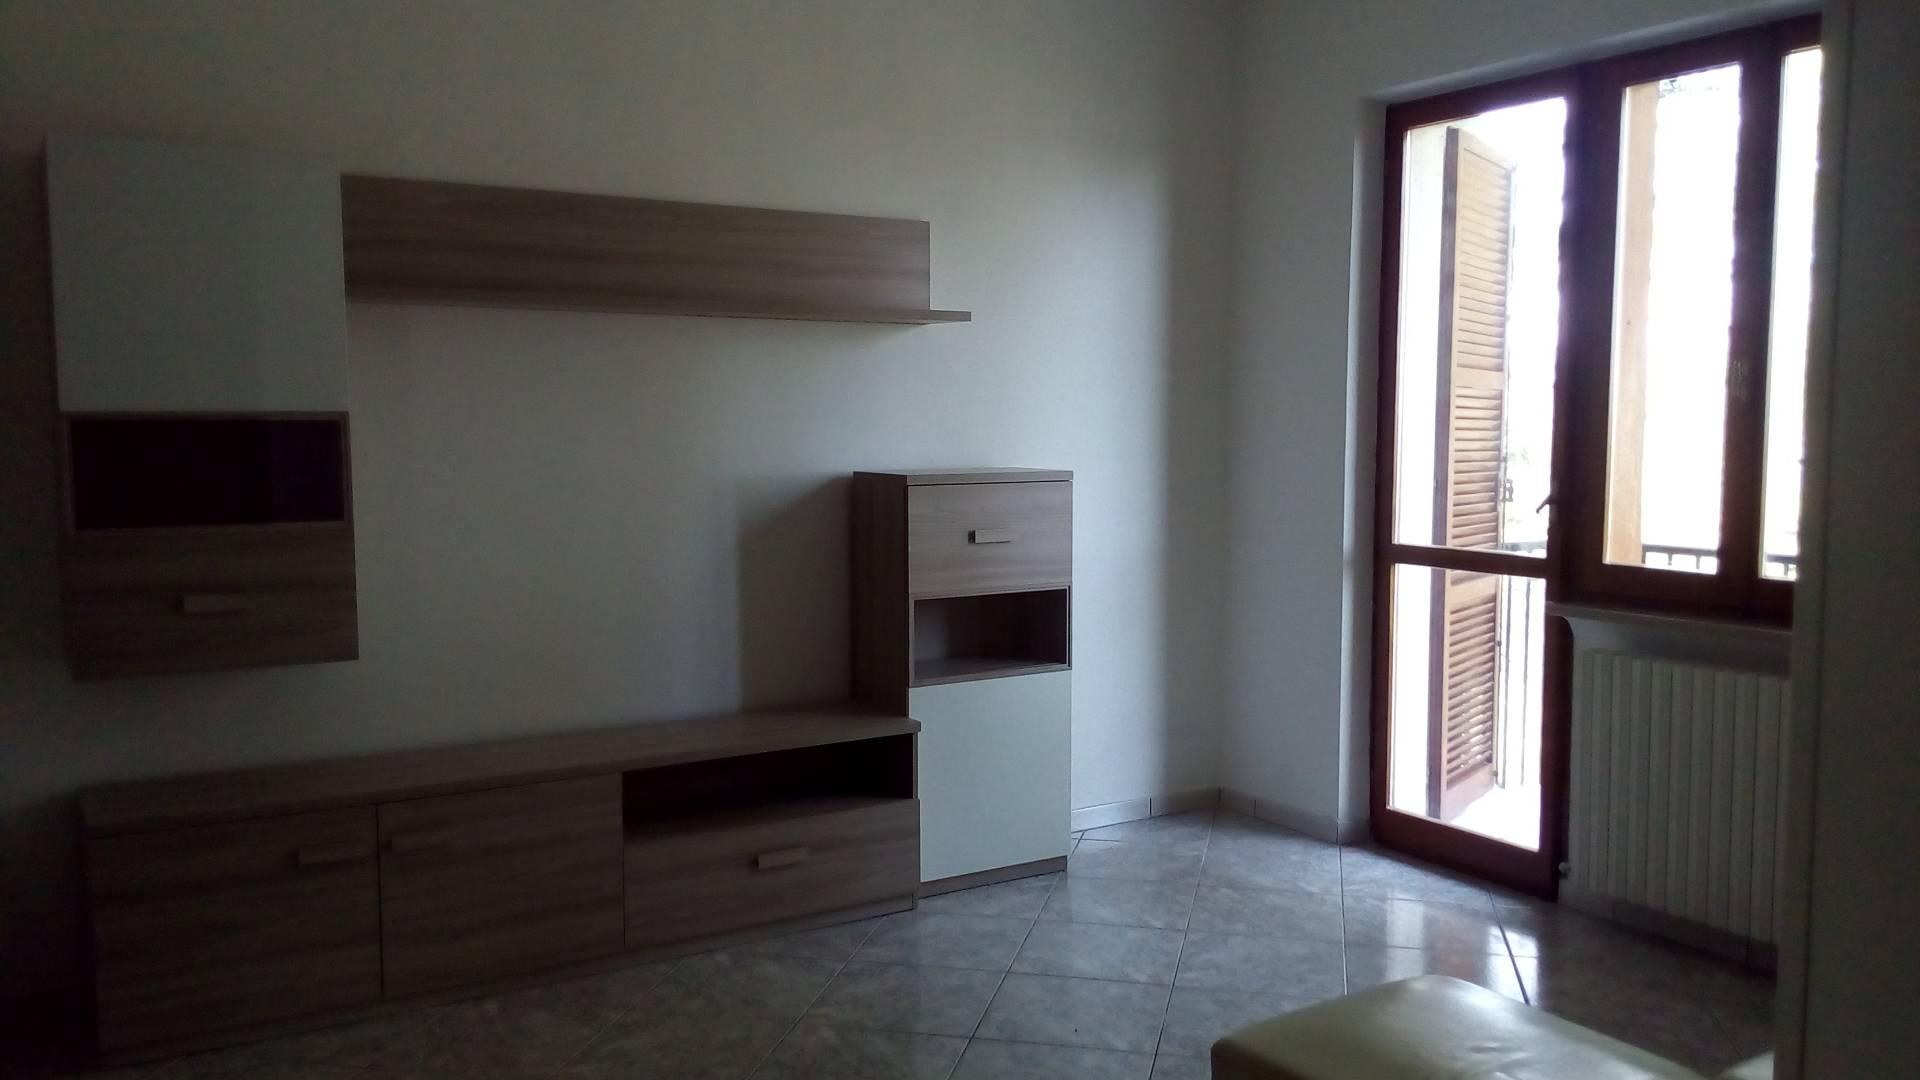 Appartamento, 120 Mq, Affitto - Ascoli Piceno (Ascoli Piceno)